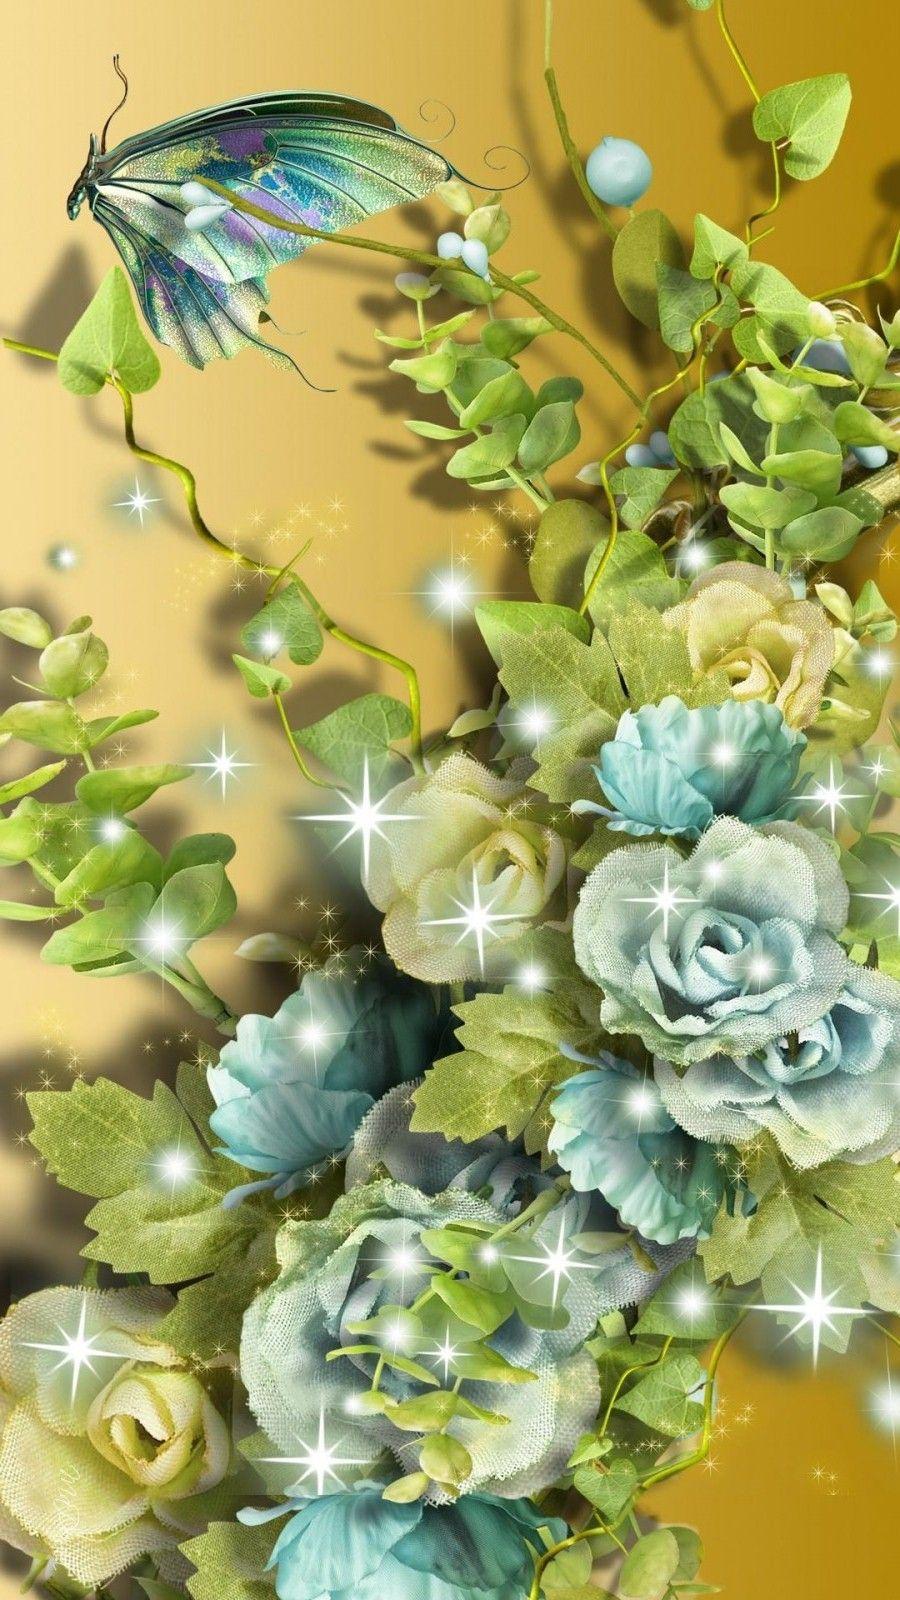 3D Aqua Flowers Wallpaper IPhone